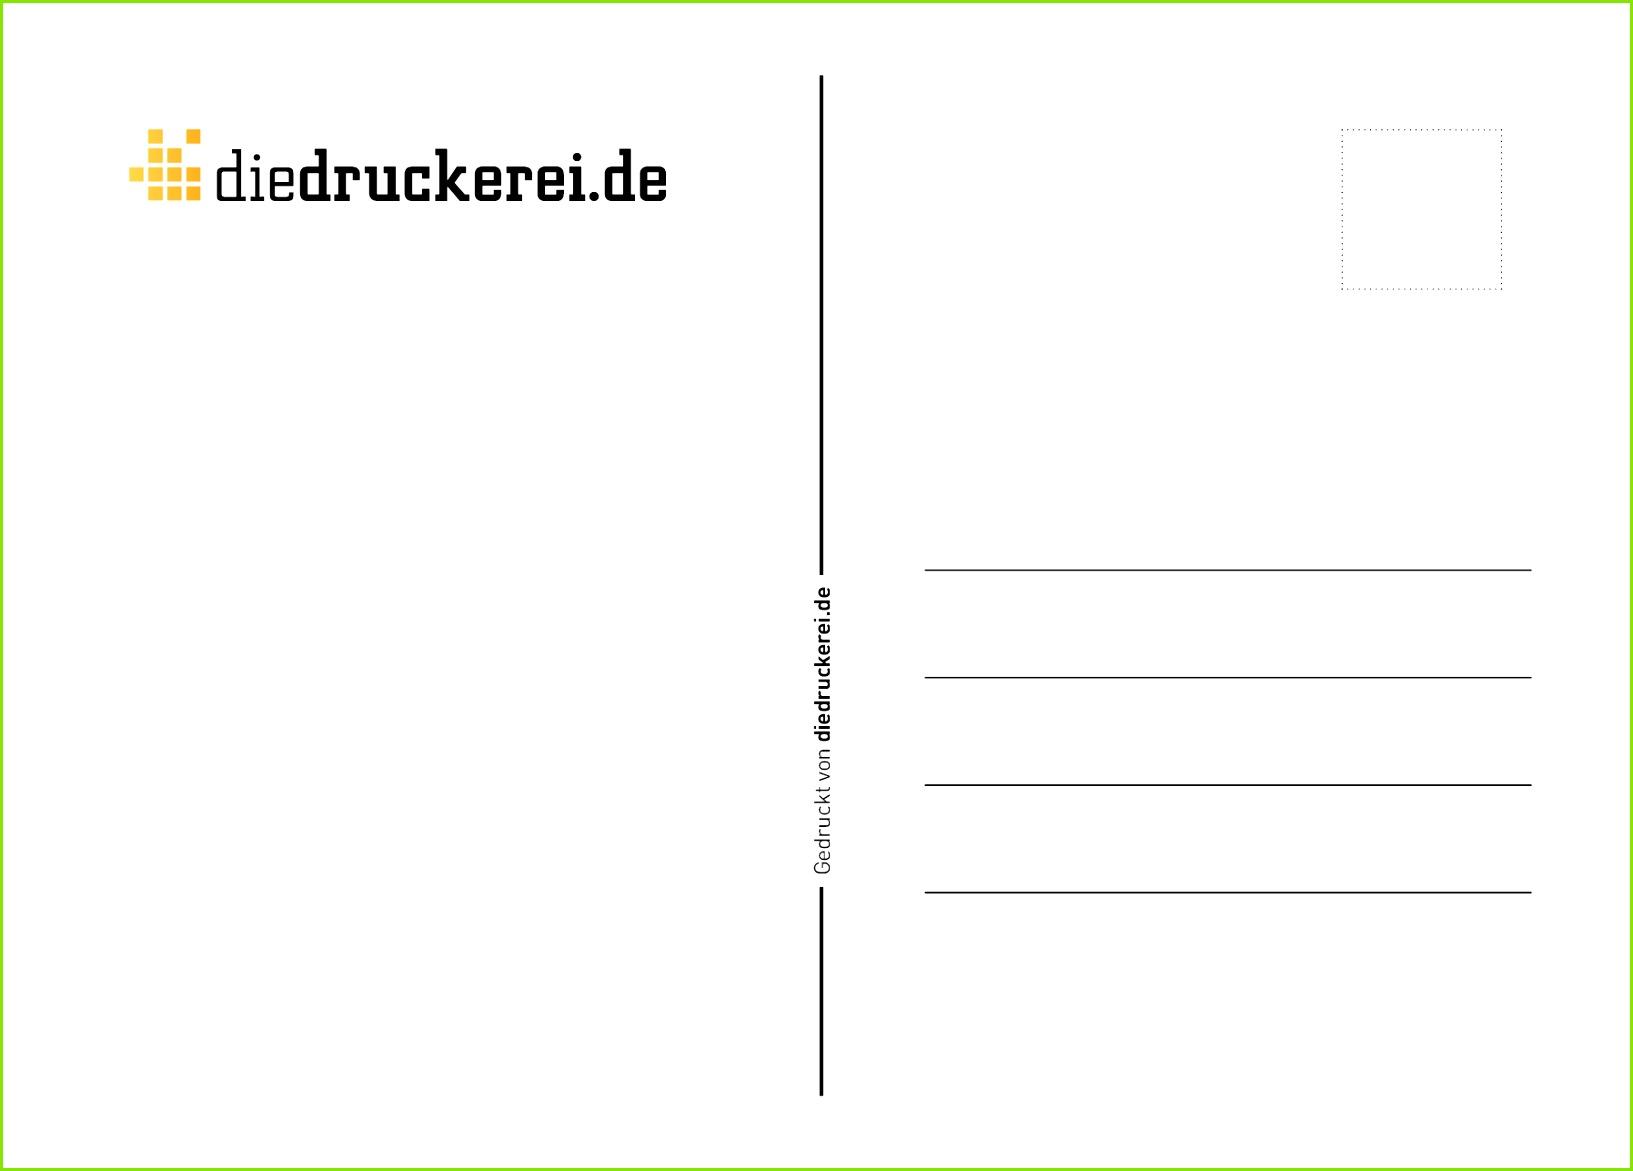 Postkarte Rückseite DIN A6 Vorlage Variante1 clear druckereide